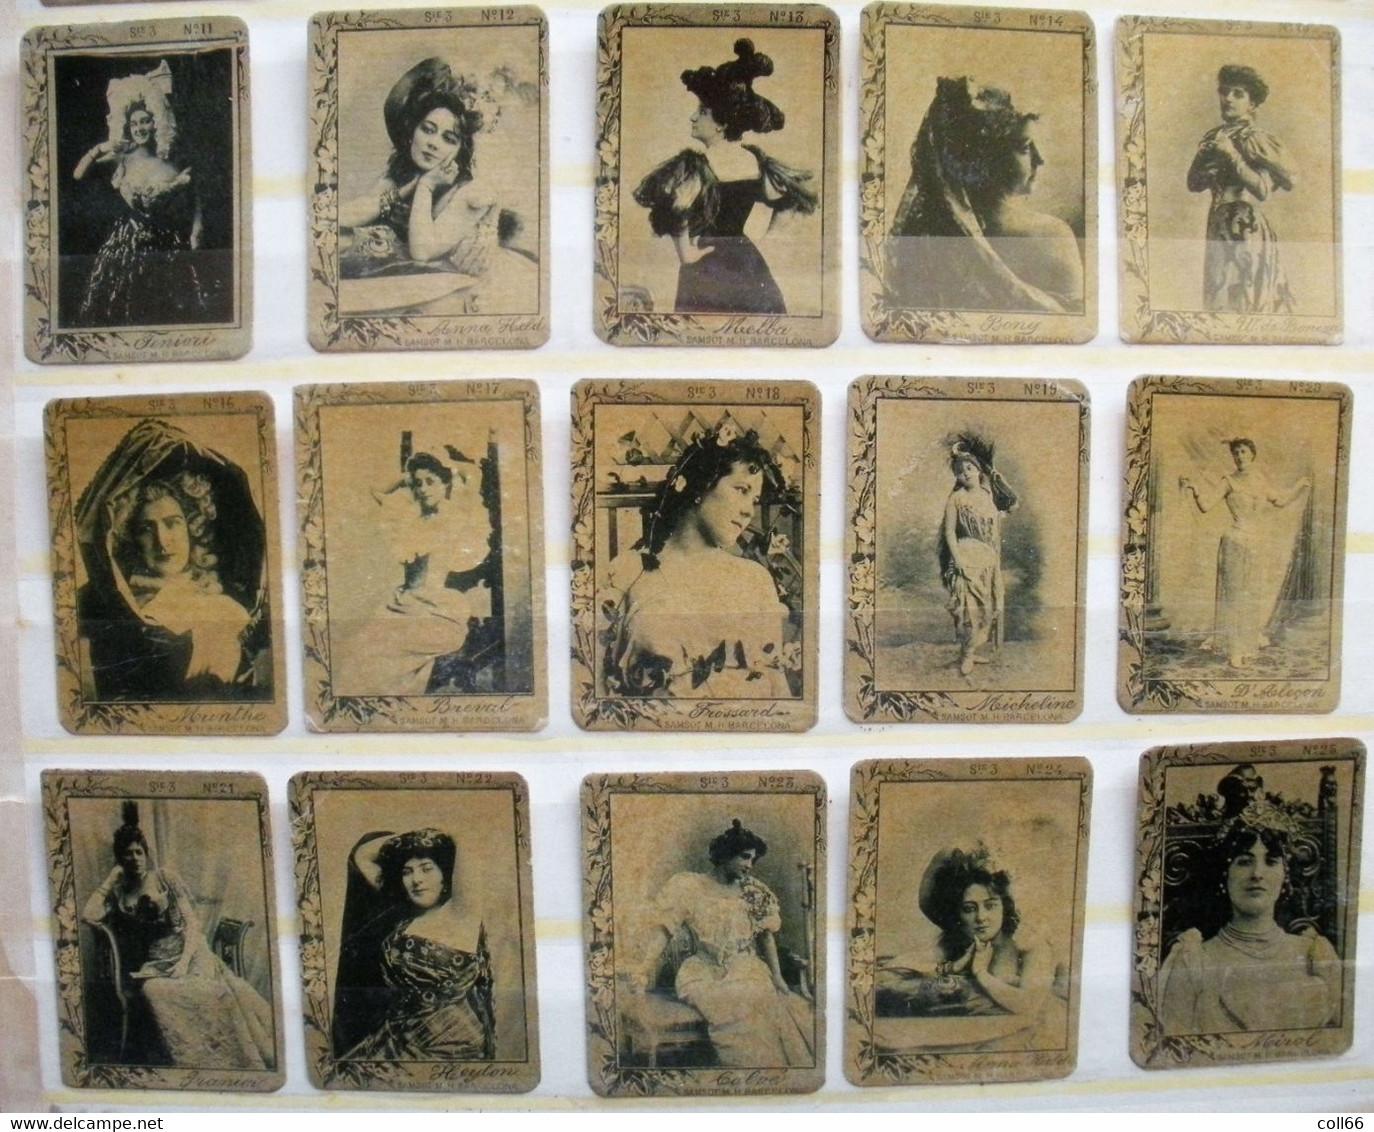 RARE 75 Vignettes Espagnoles Samsot Y Miss Hos Barcelona Actrices Fototipias Spanish Matchbox Série 3 Erinnophilie - Other